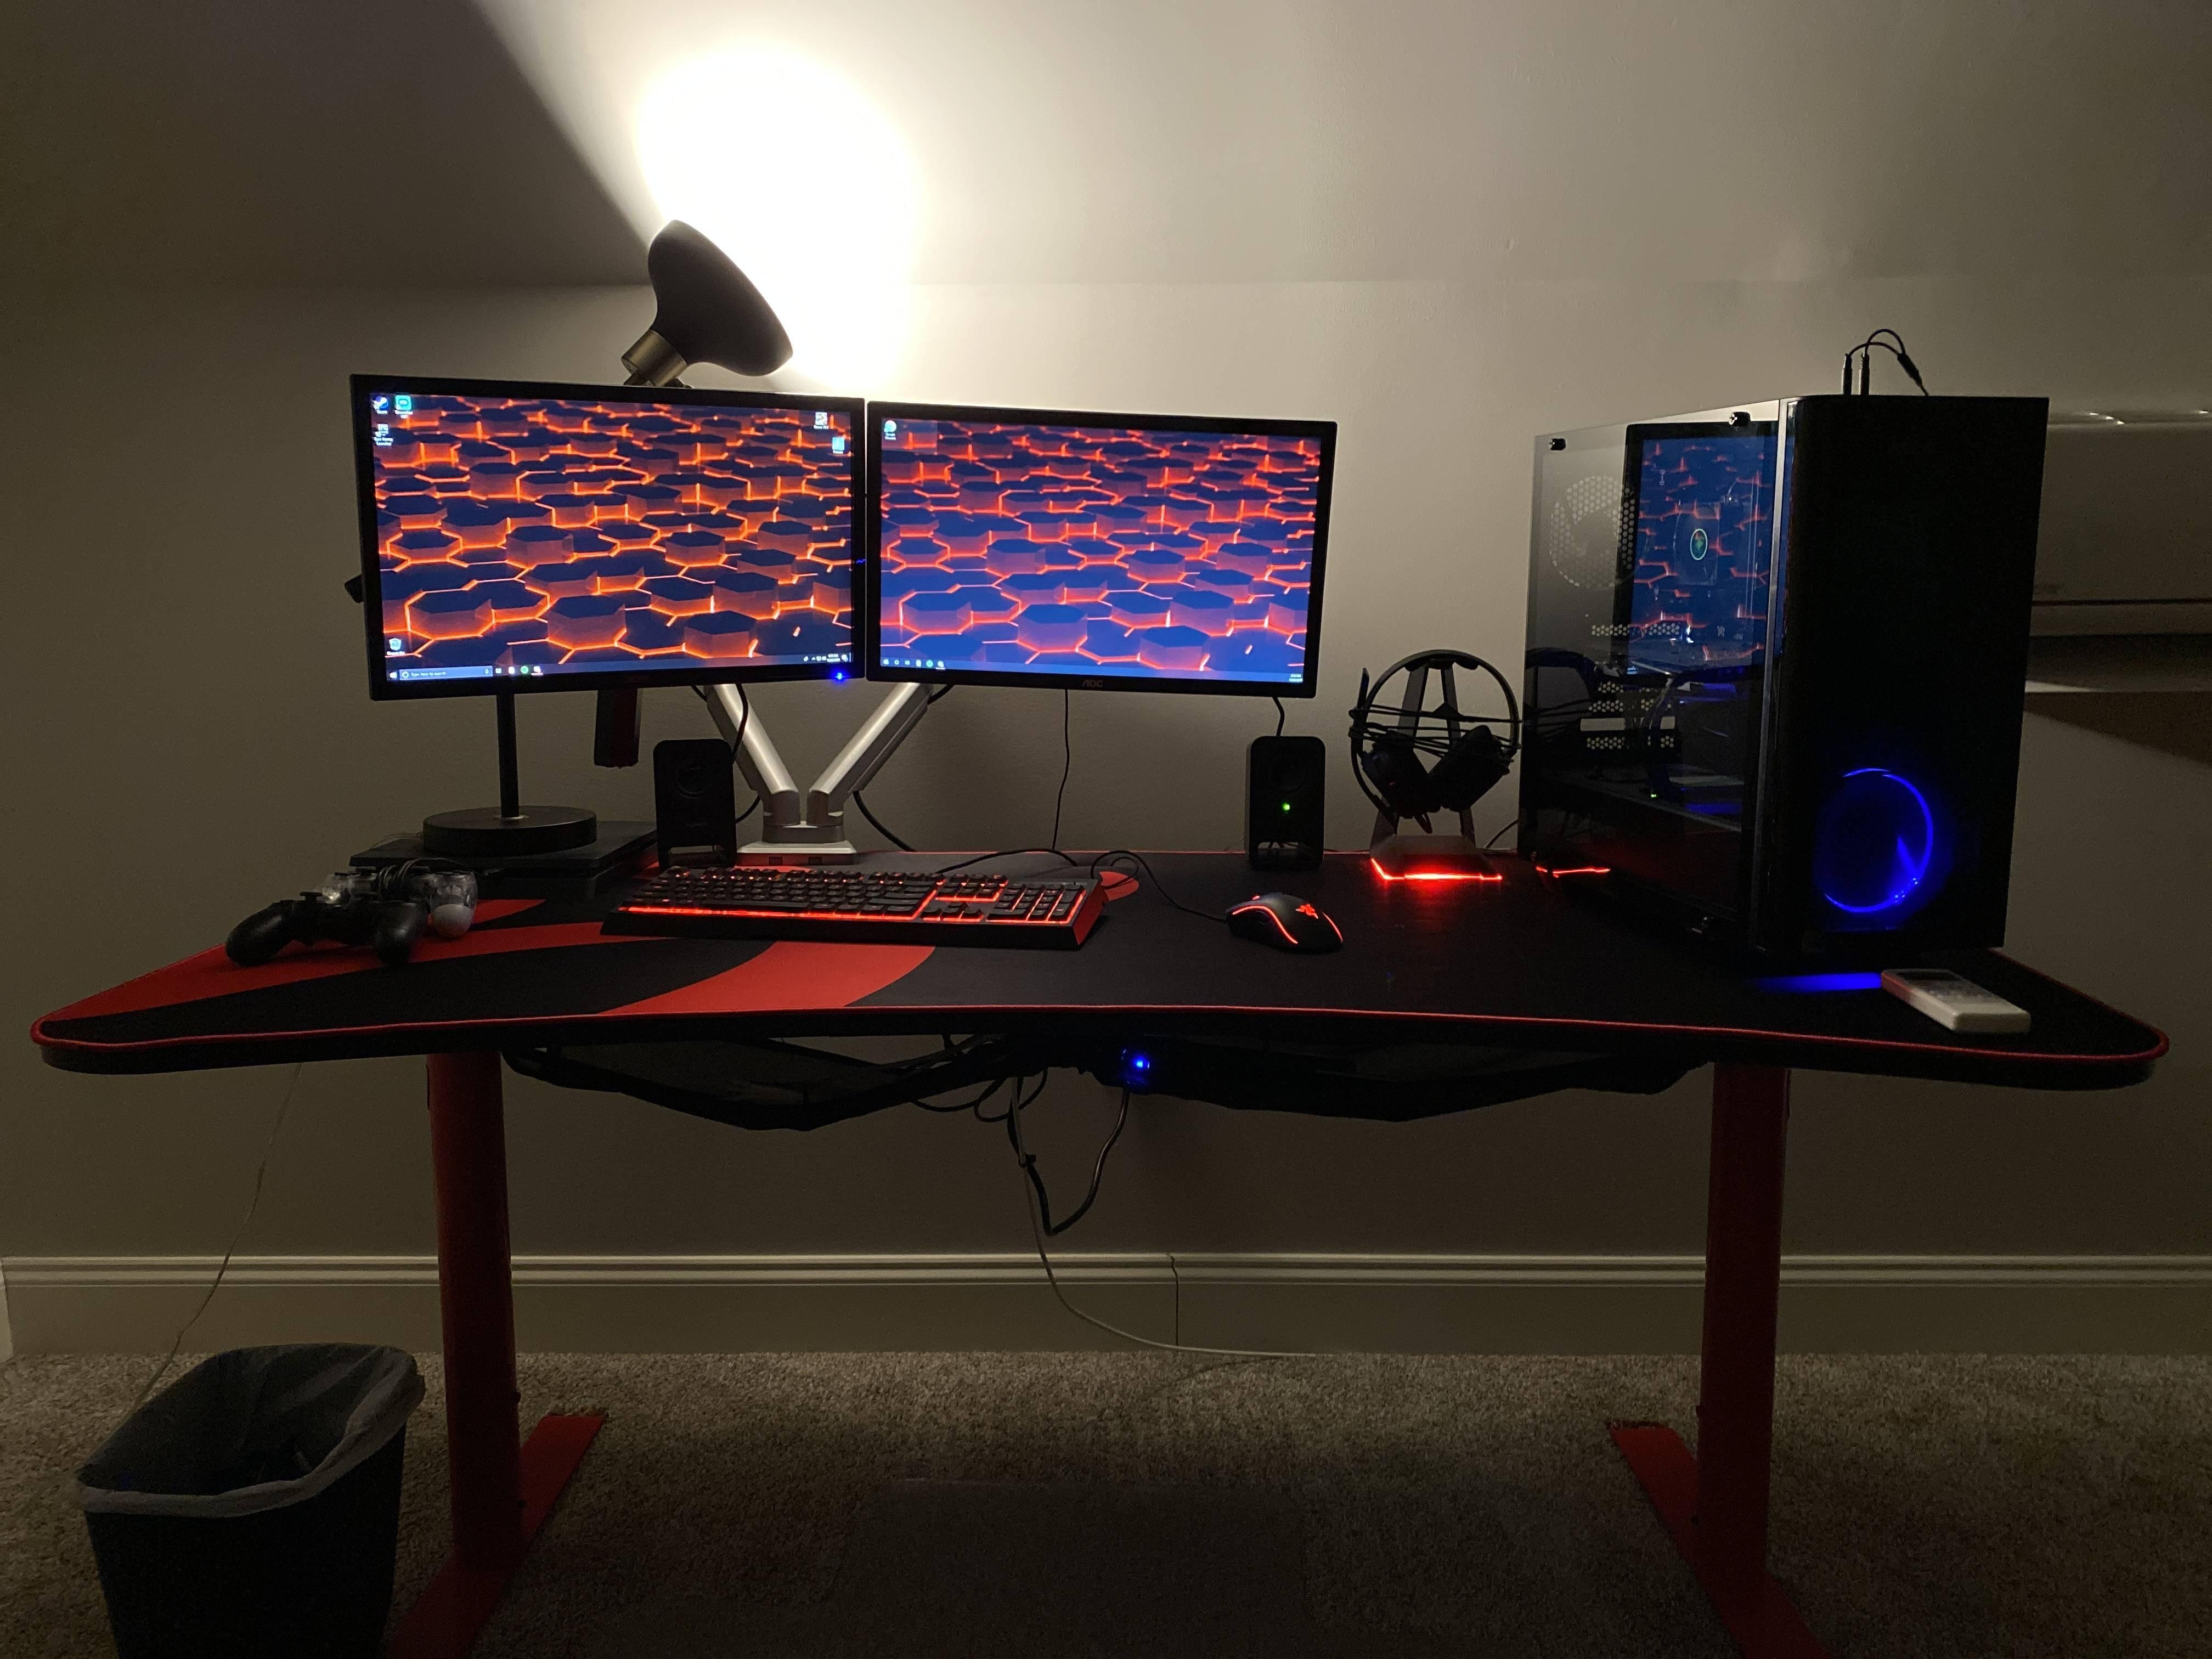 Riverjr04's Setup - Gaming and Streaming Setup   Scooget